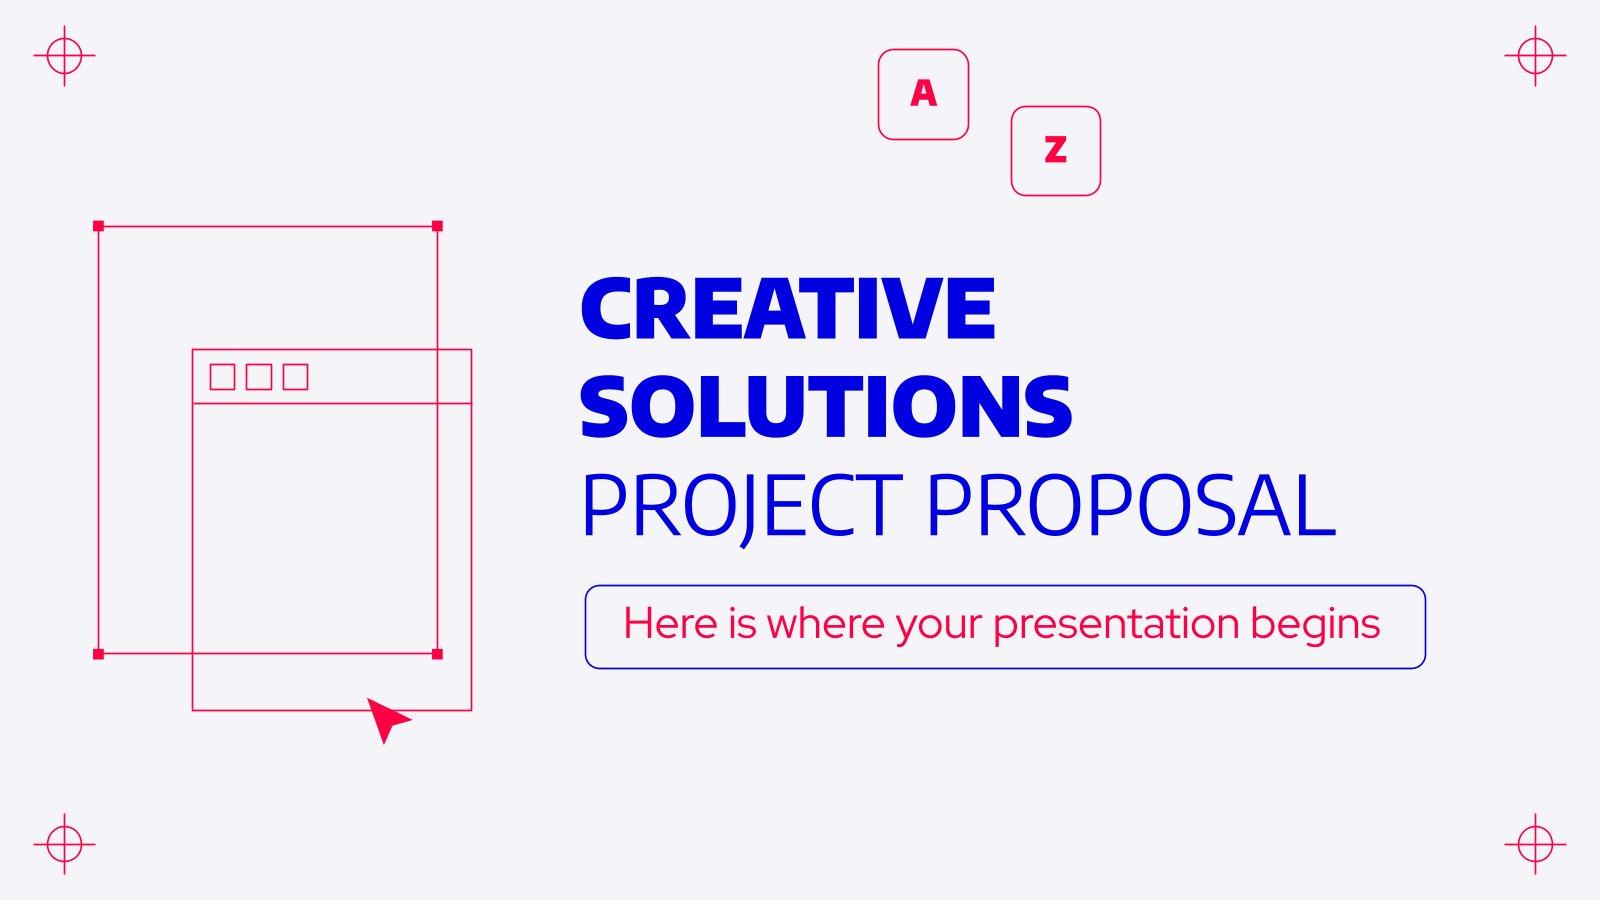 Modelo de apresentação Proposta de projeto de soluções criativas